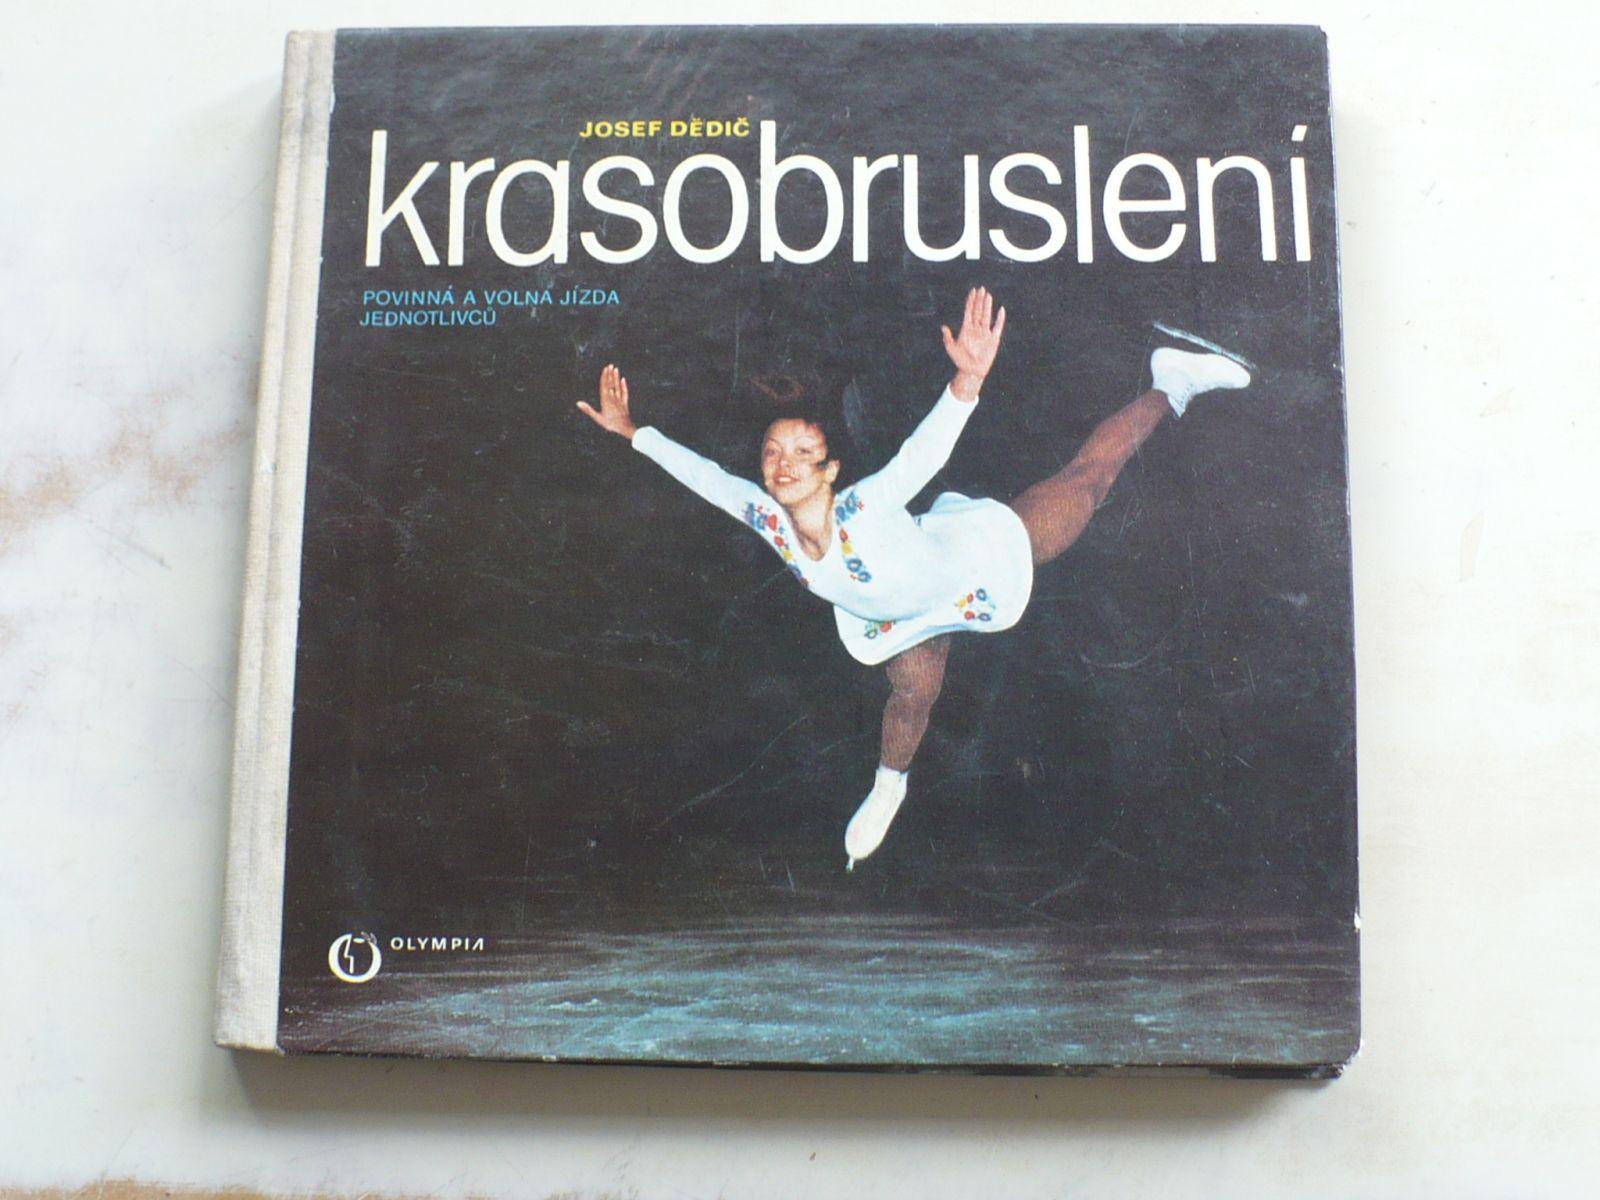 Dědič - Krasobruslení (1979)